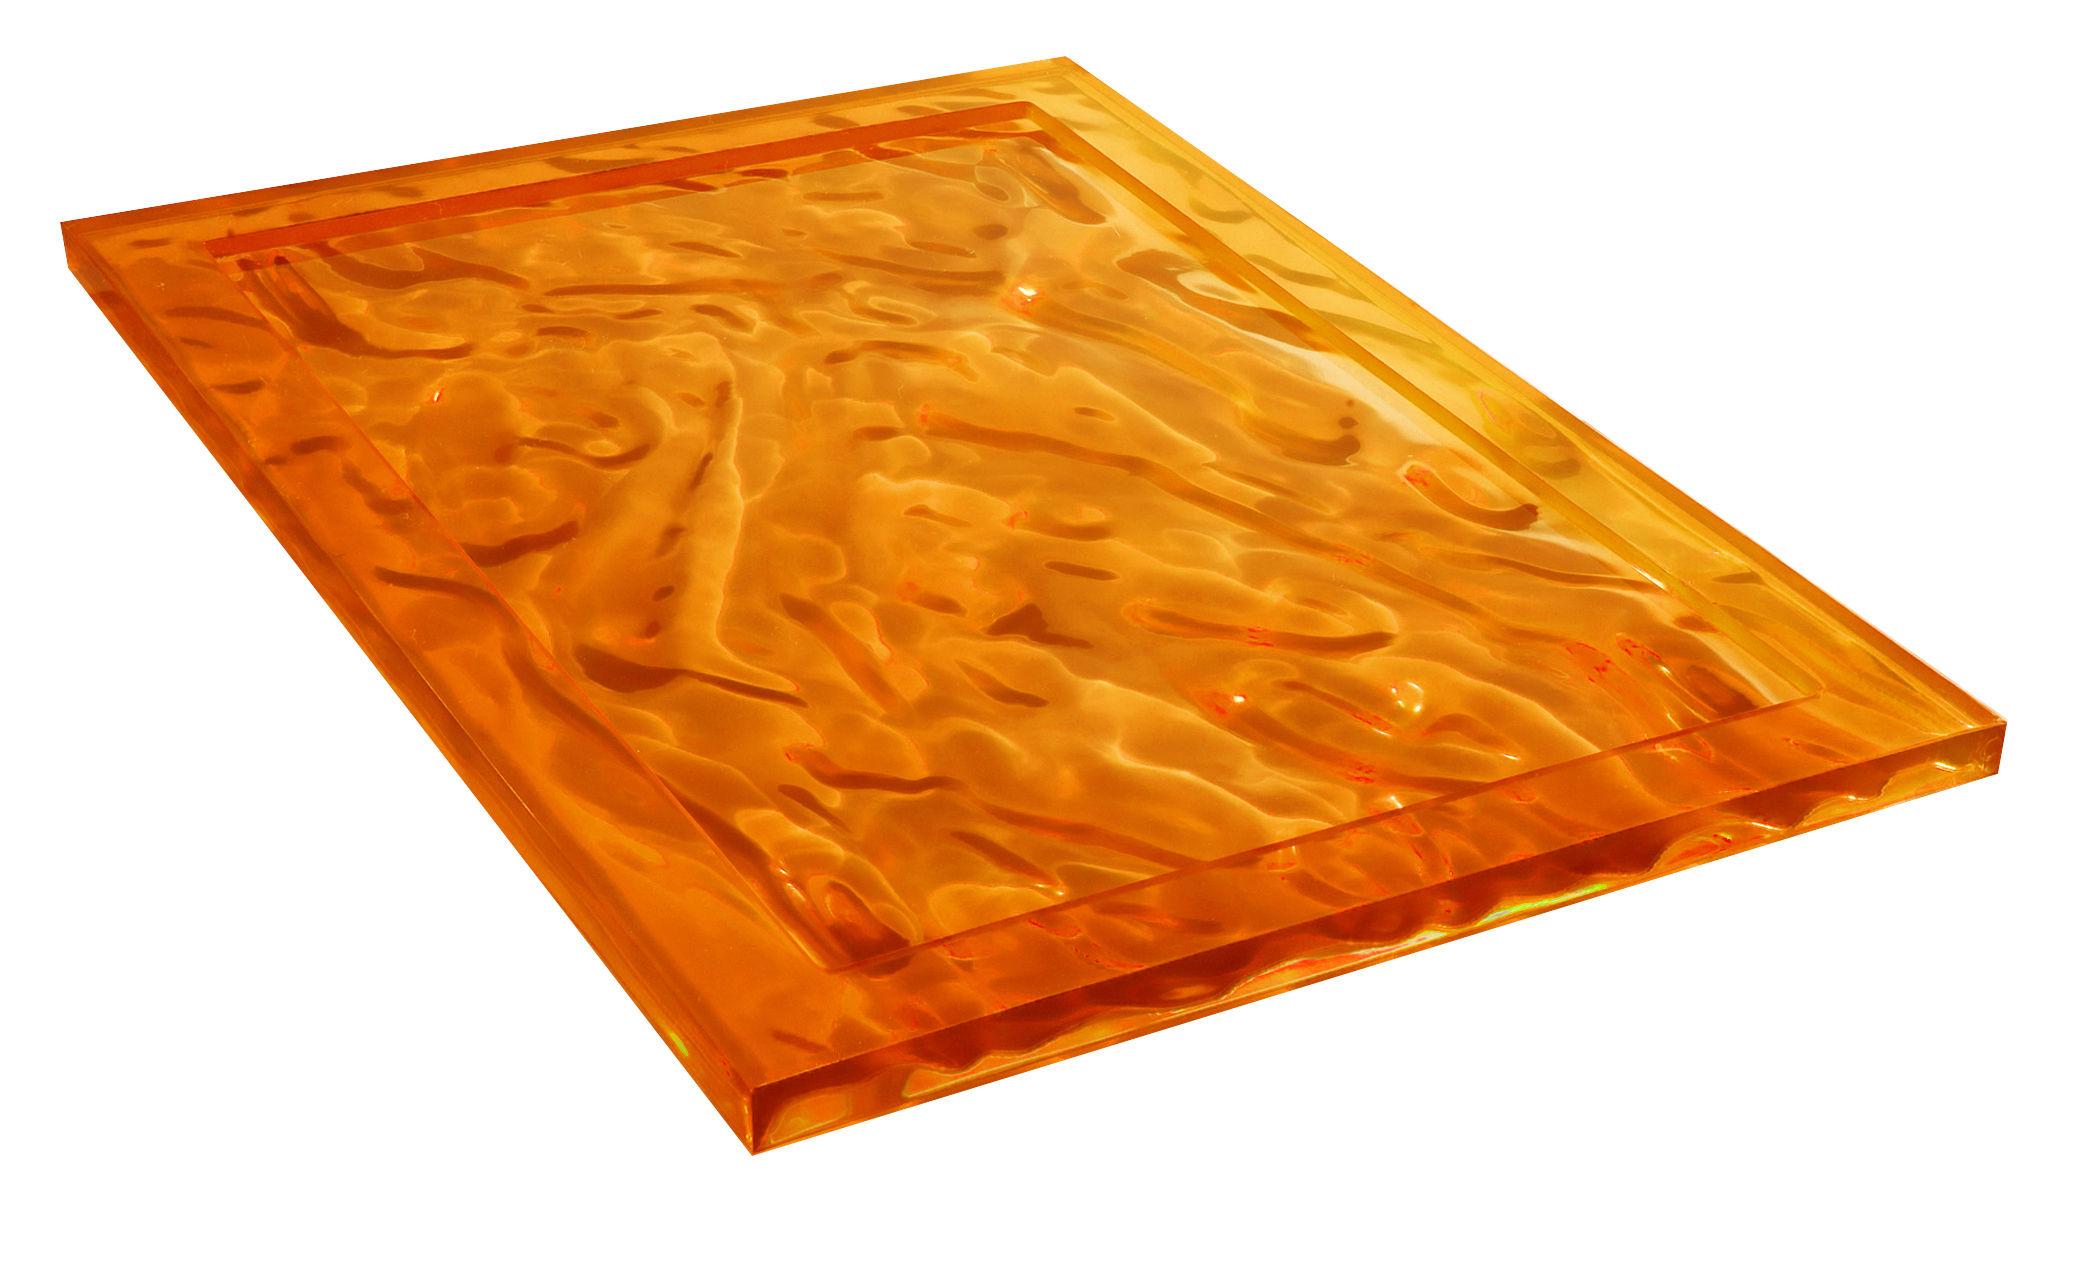 Tischkultur - Tabletts - Dune Tablett 46 x 32 cm - Kartell - Orange - Technoplymer